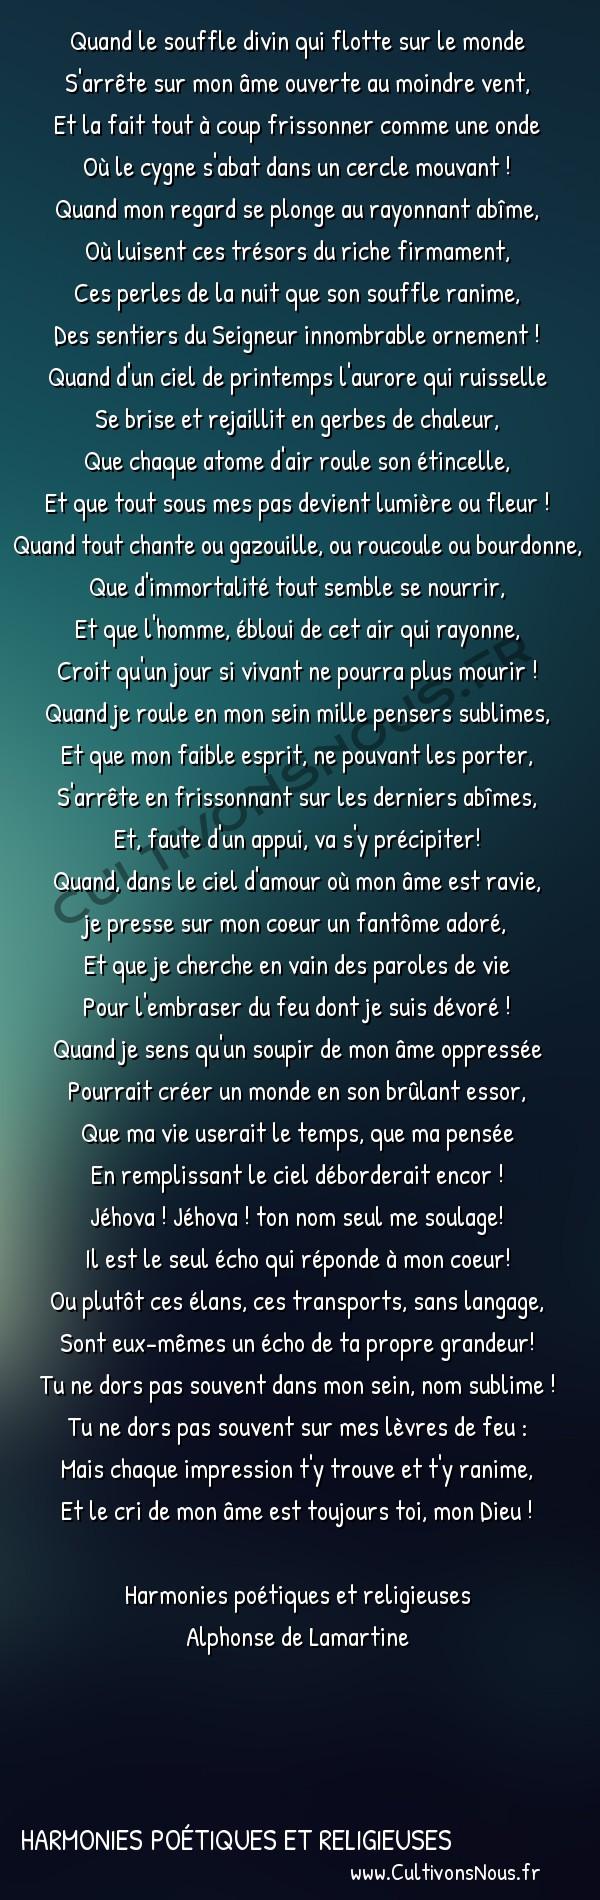 Poésie Alphonse de Lamartine - Harmonies poétiques et religieuses - Le cri de l'âme -  Quand le souffle divin qui flotte sur le monde S'arrête sur mon âme ouverte au moindre vent,